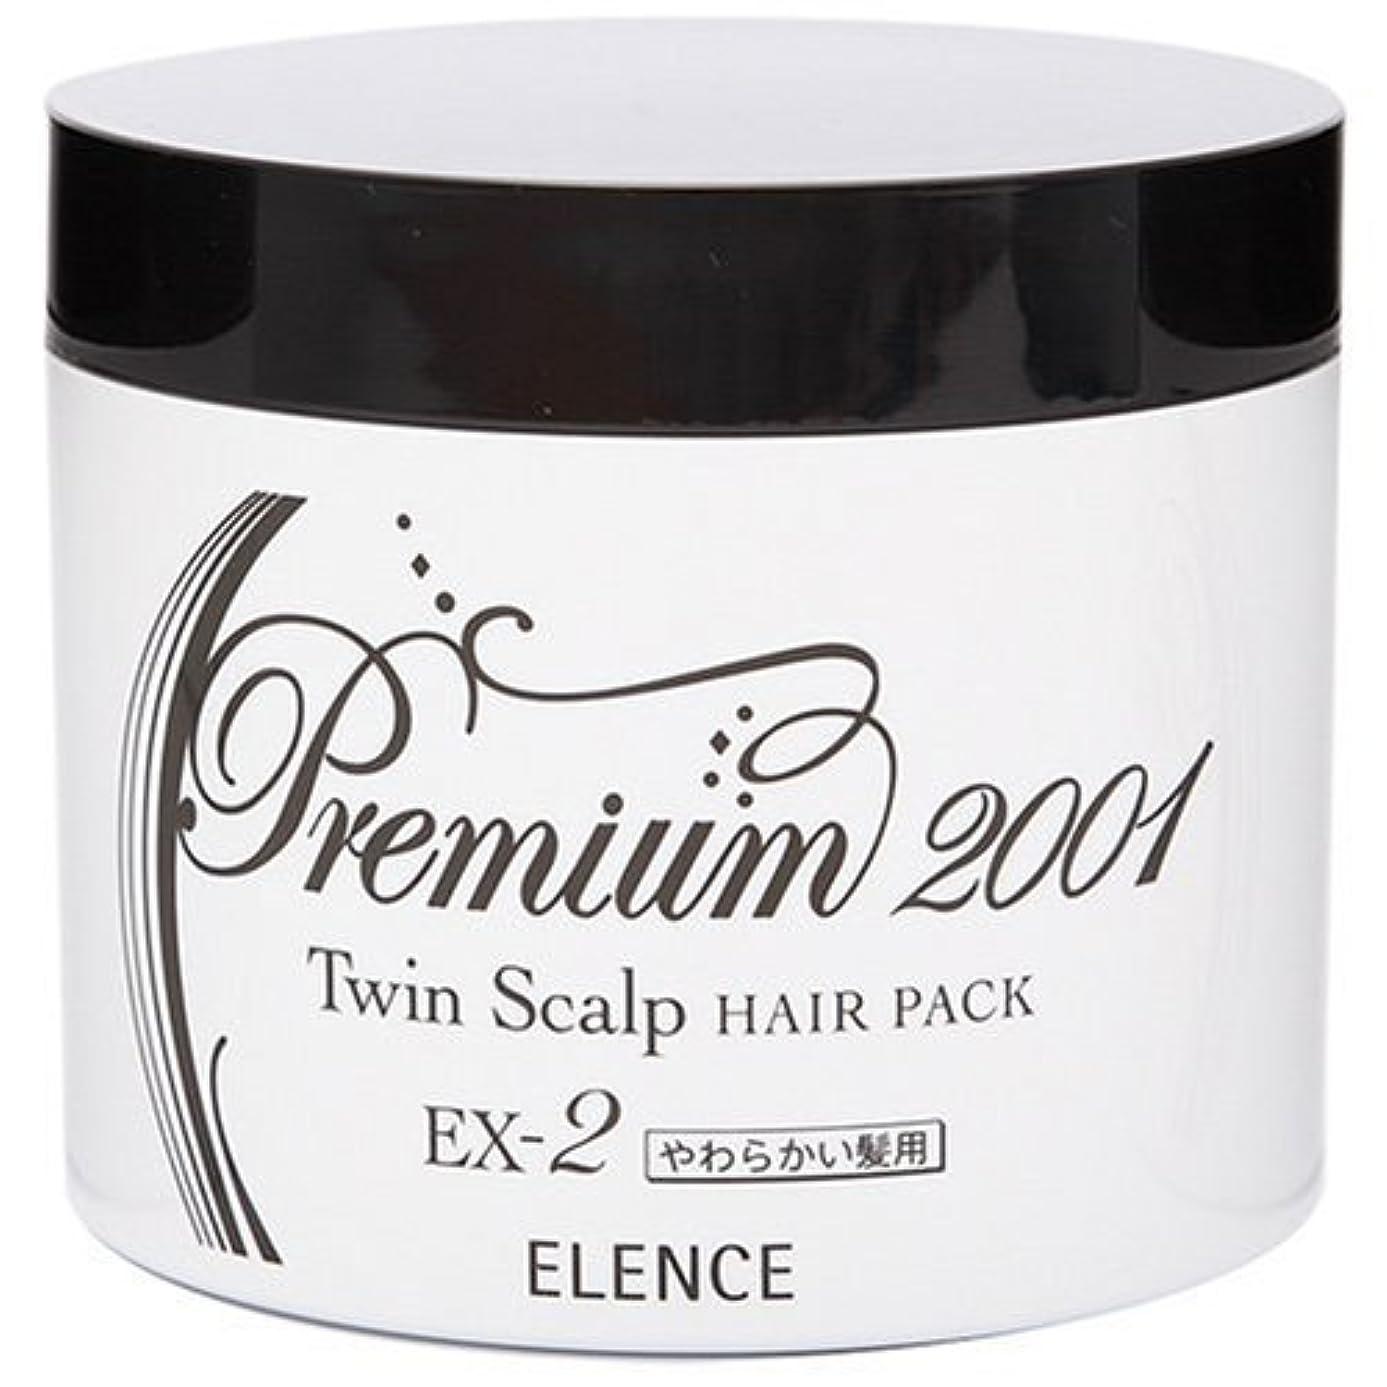 タフモニカ注ぎますエレンス2001 ツインスキャルプヘアパックEX-2(やわらかい髪用)